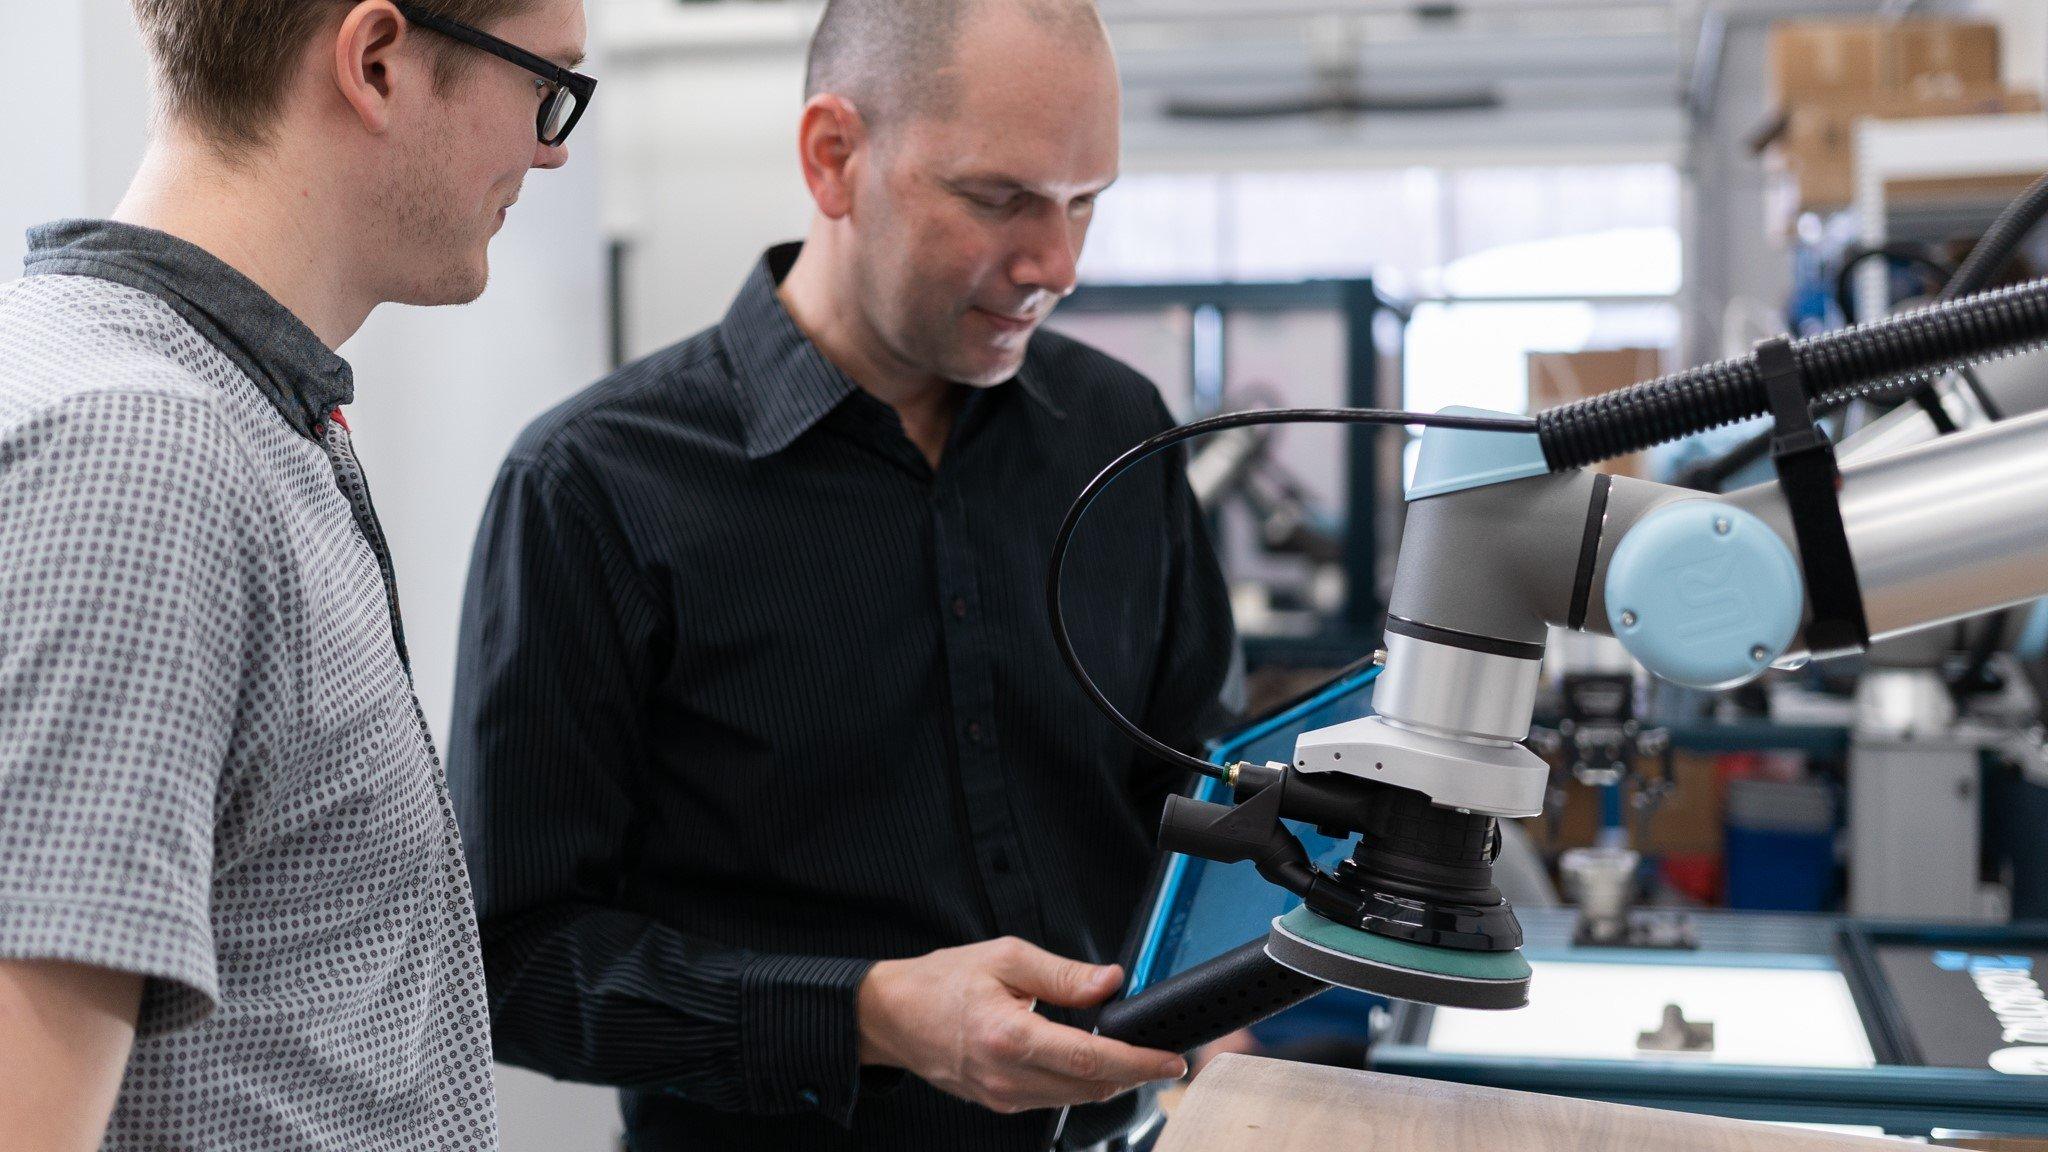 Robotiq-Sanding-kit-collaborative-robots-169